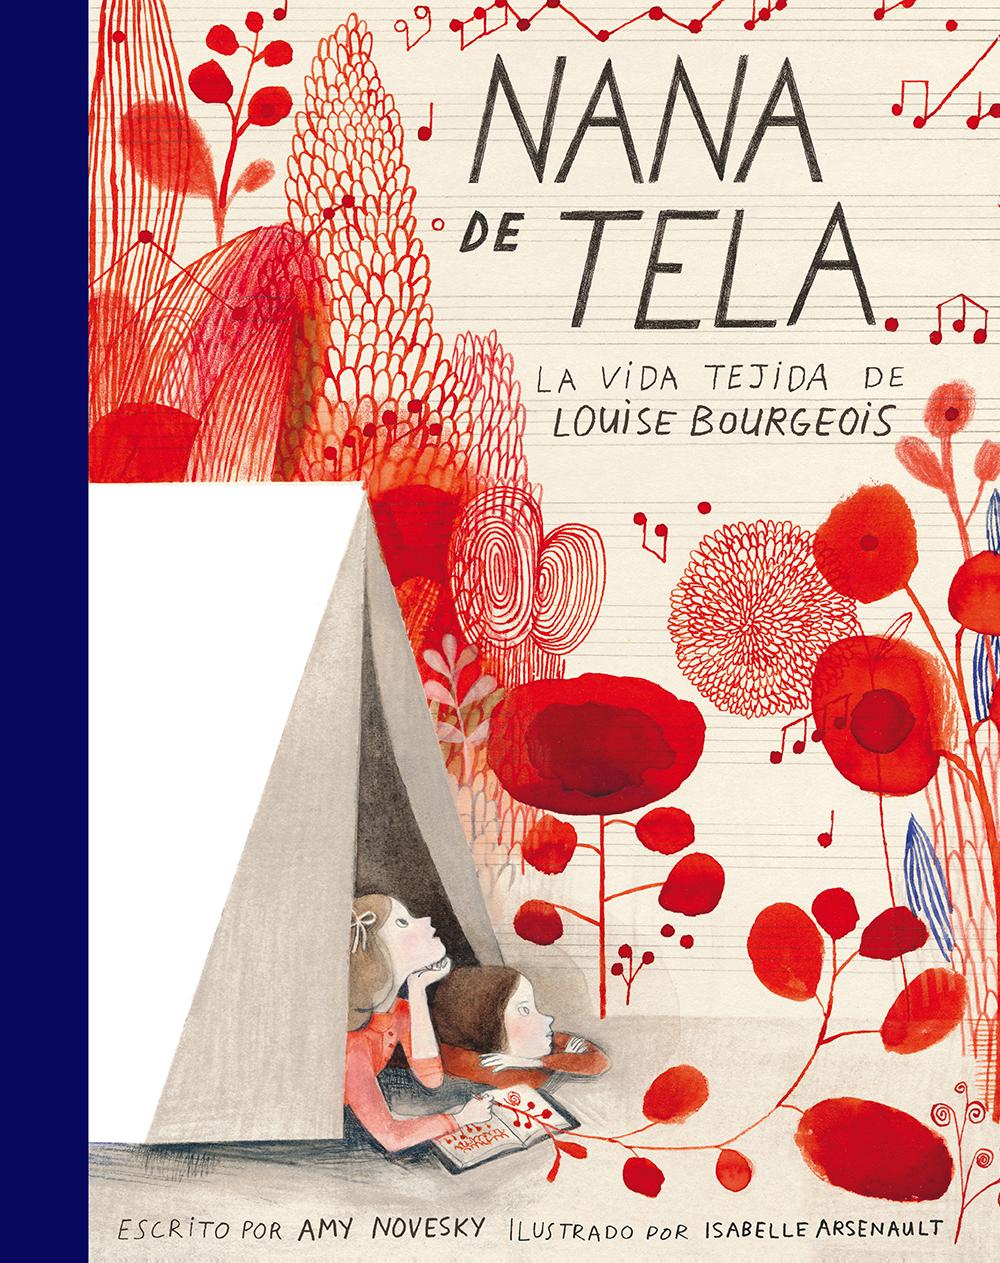 """""""Nana de tela"""": el arte de Louise Bourgeois llevado al álbum ilustrado"""